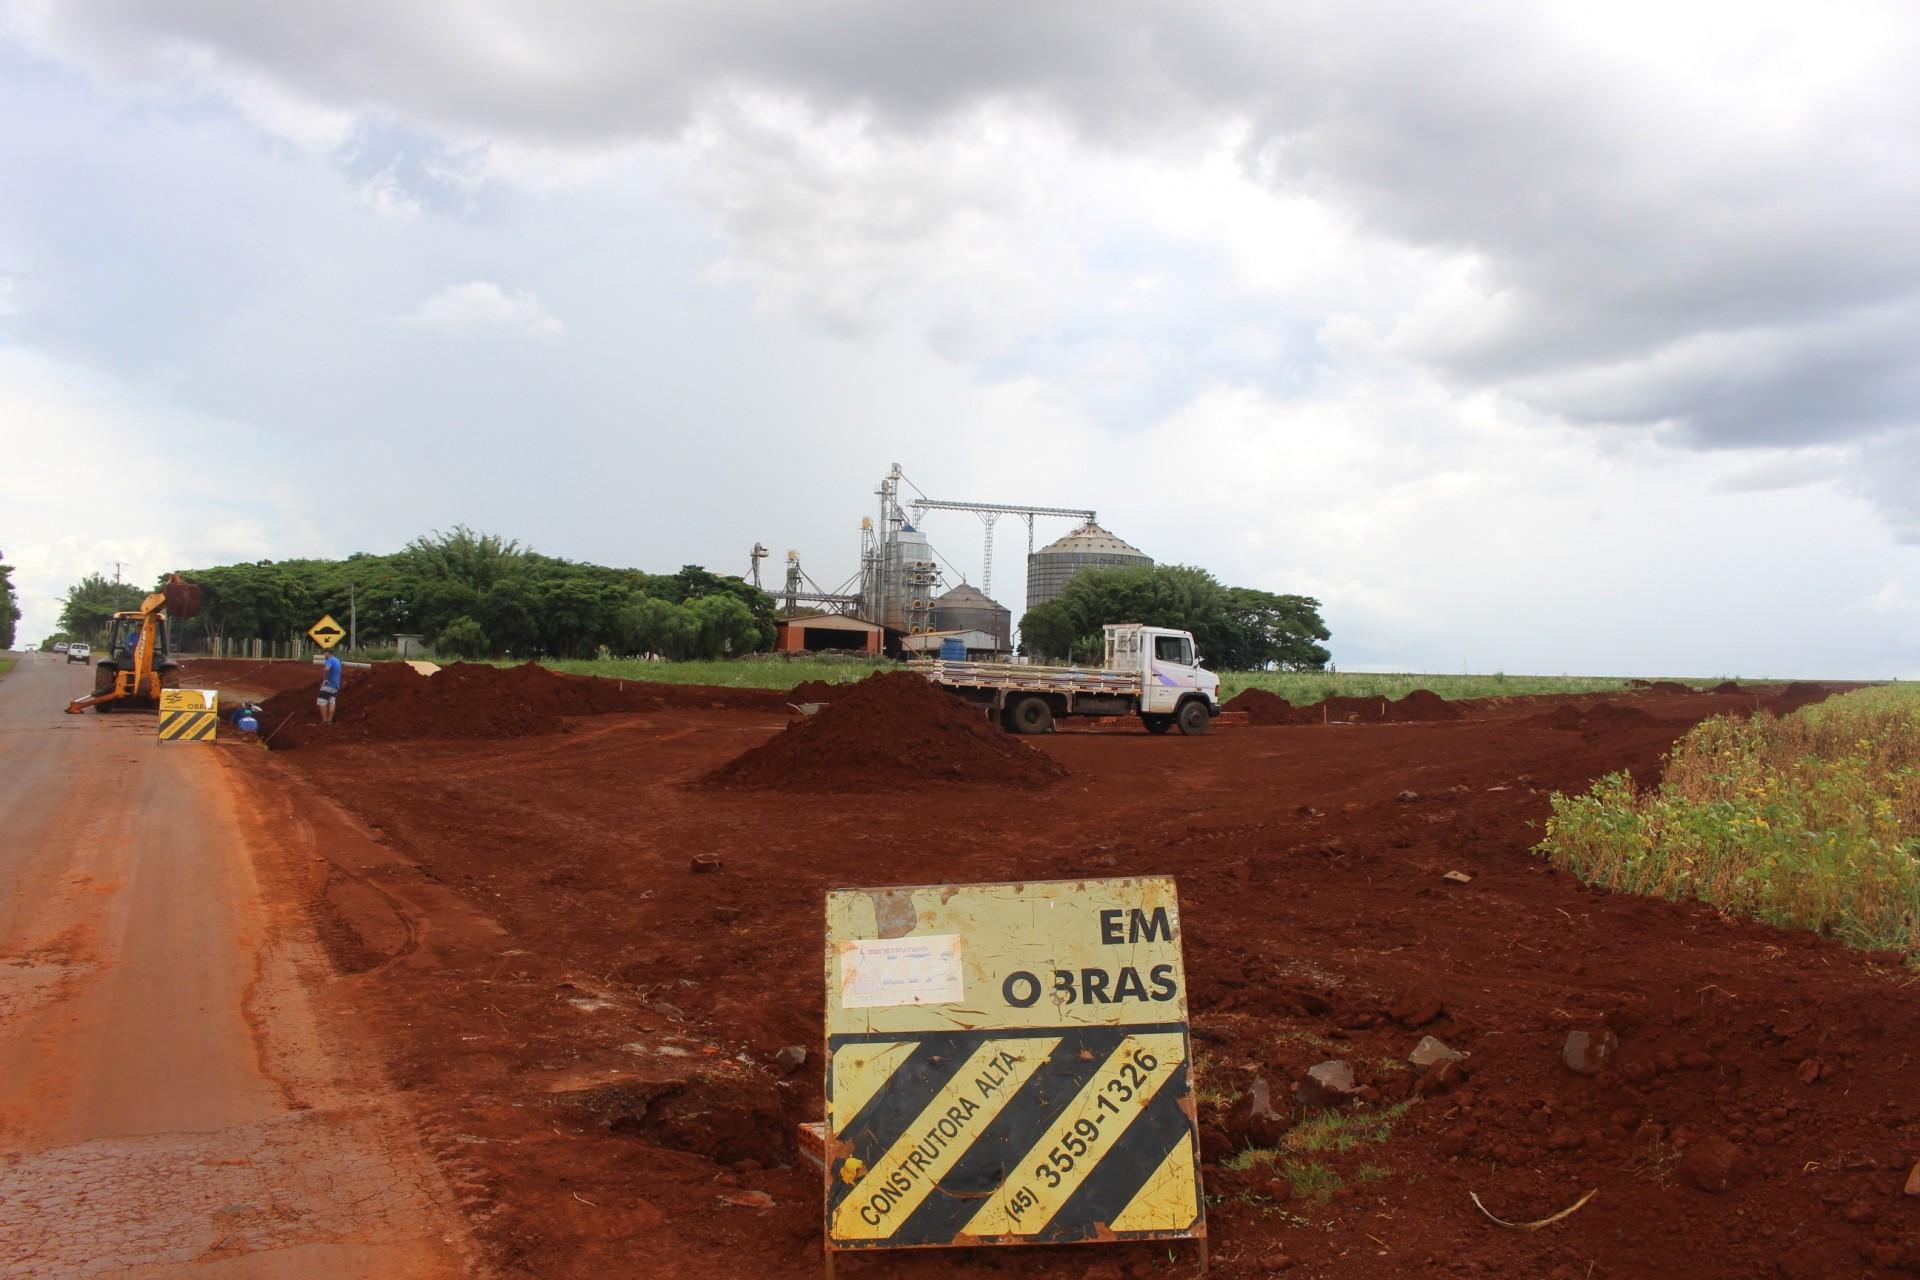 Obras no Distrito Industrial de Santa Inês visa geração de emprego e renda para o município